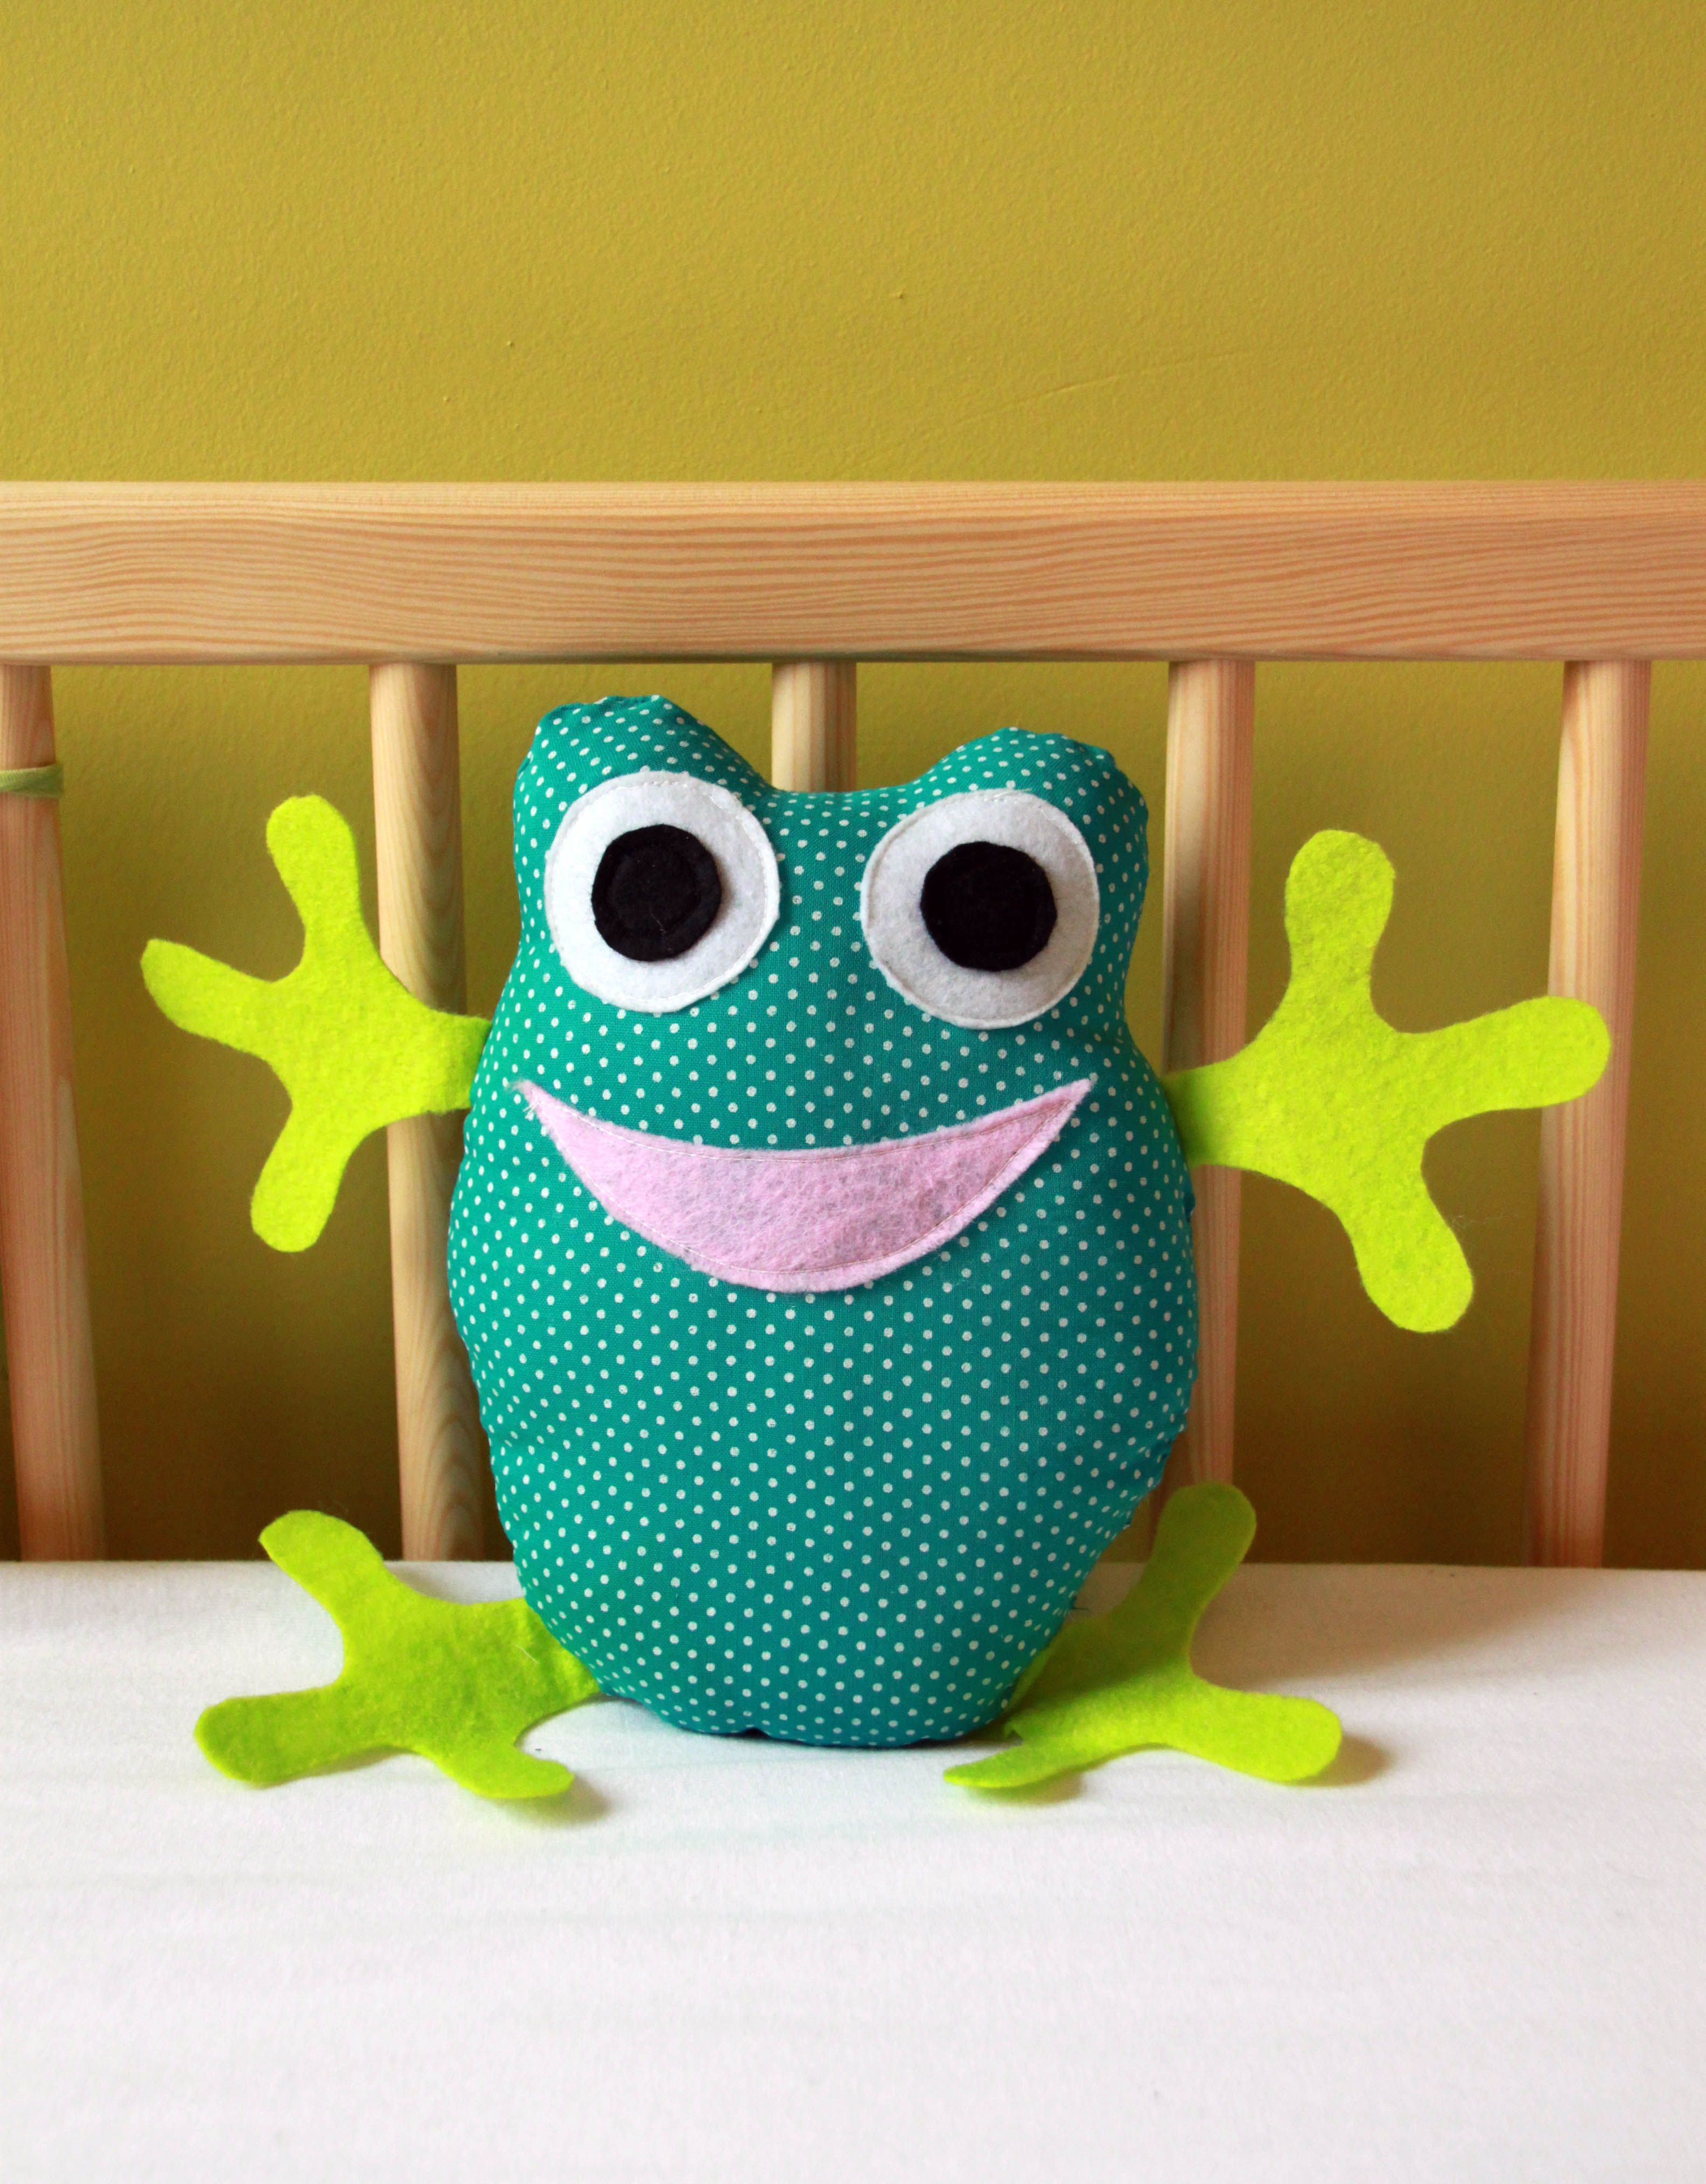 Doudou grenouille doudous petite grenouille et tissu vert - Doudou facile a realiser ...